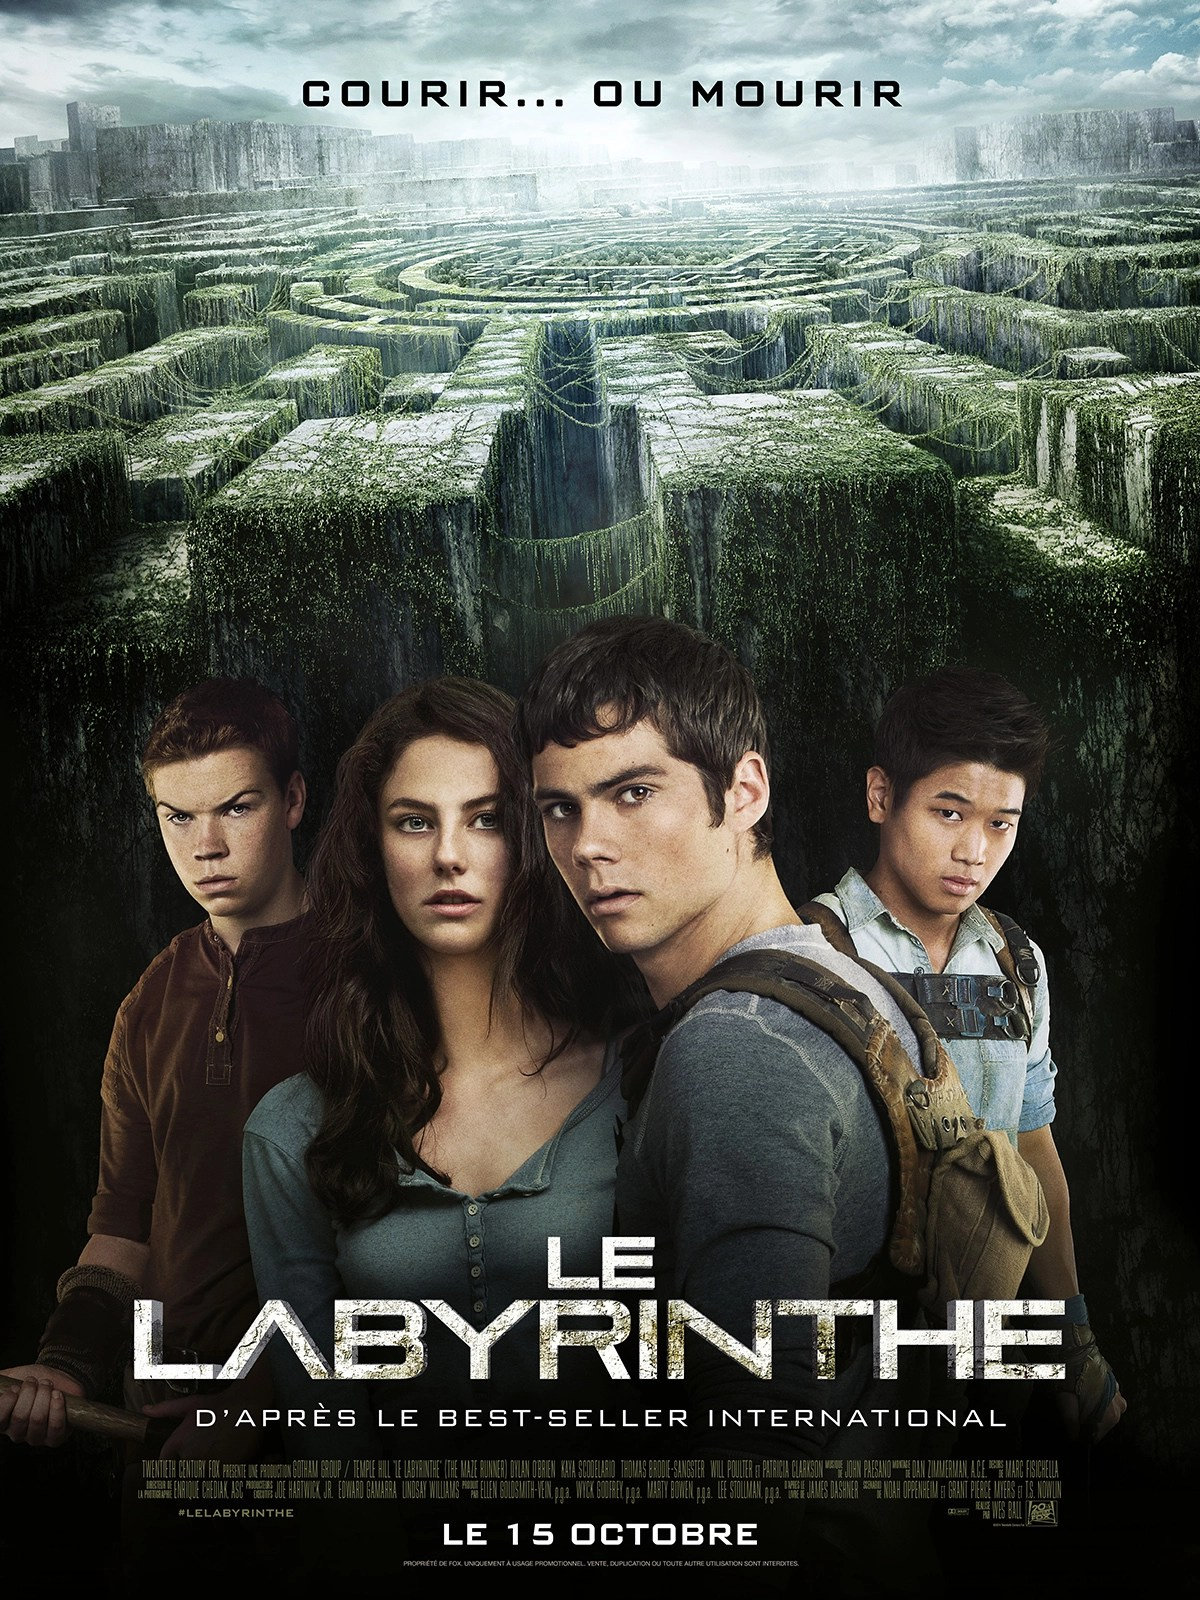 Le Labyrinthe 1 Film Complet En Francais : labyrinthe, complet, francais, Labyrinthe, AlloCiné